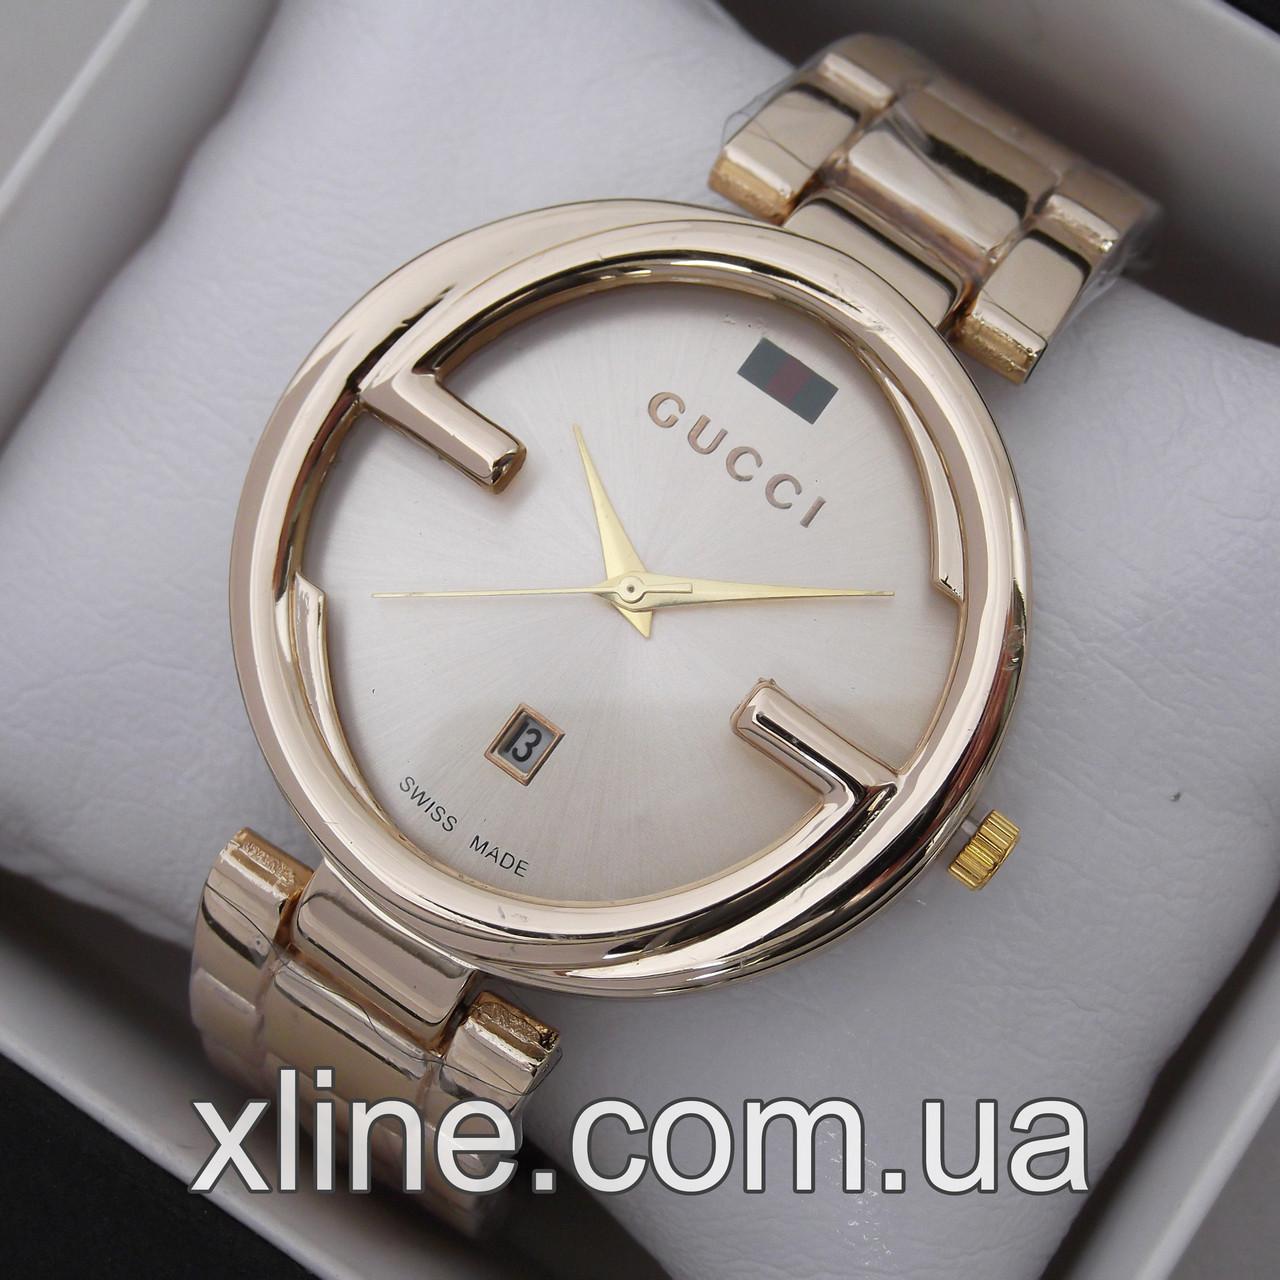 b77deb16 Женские наручные часы Gucci C19 на металлическом браслете: продажа ...